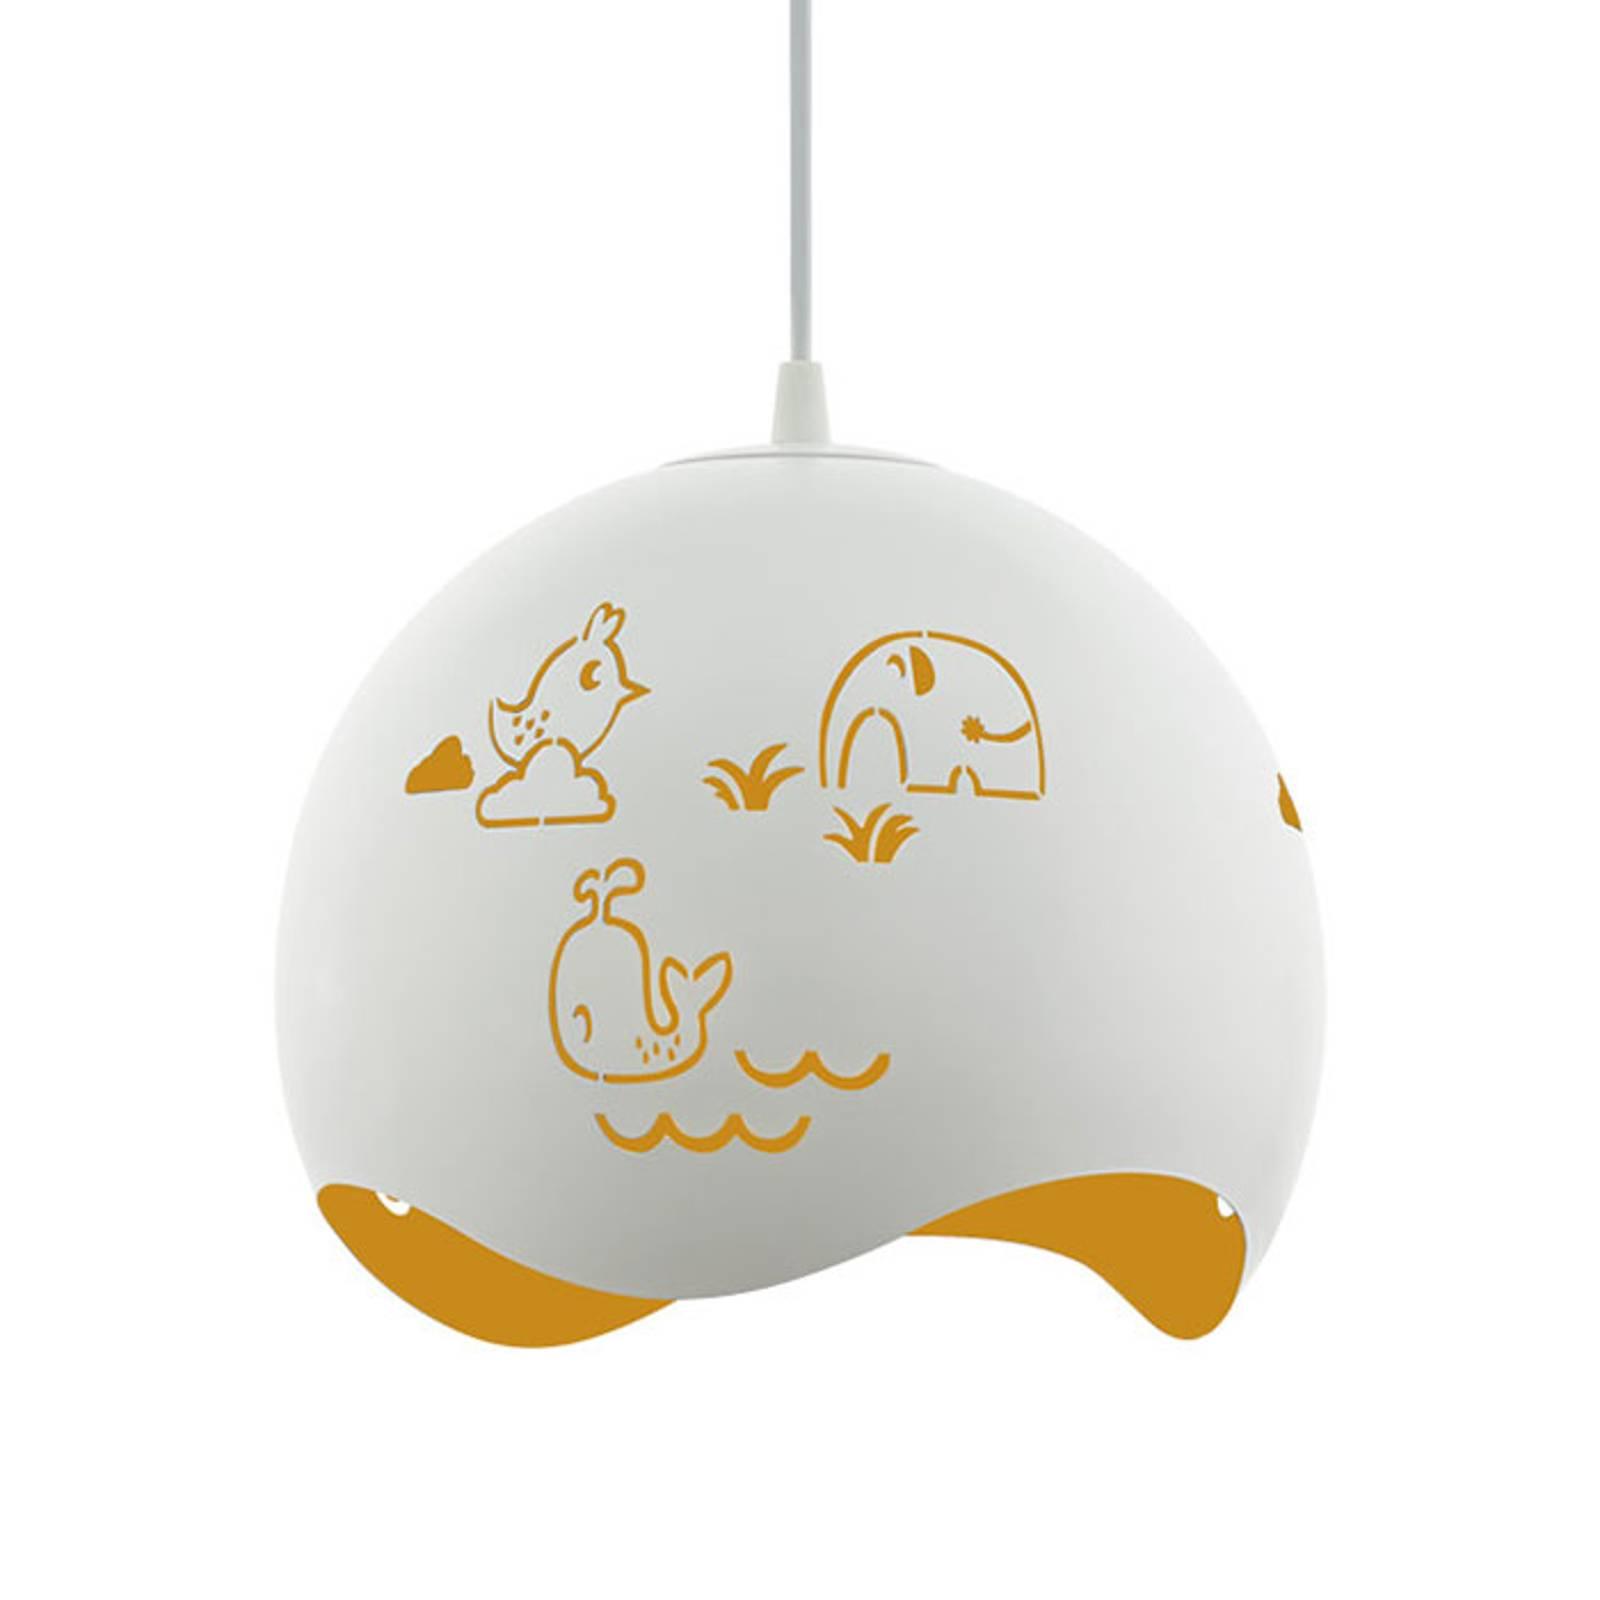 Lampa wisząca Laurina zwierzęta, biało-żółta